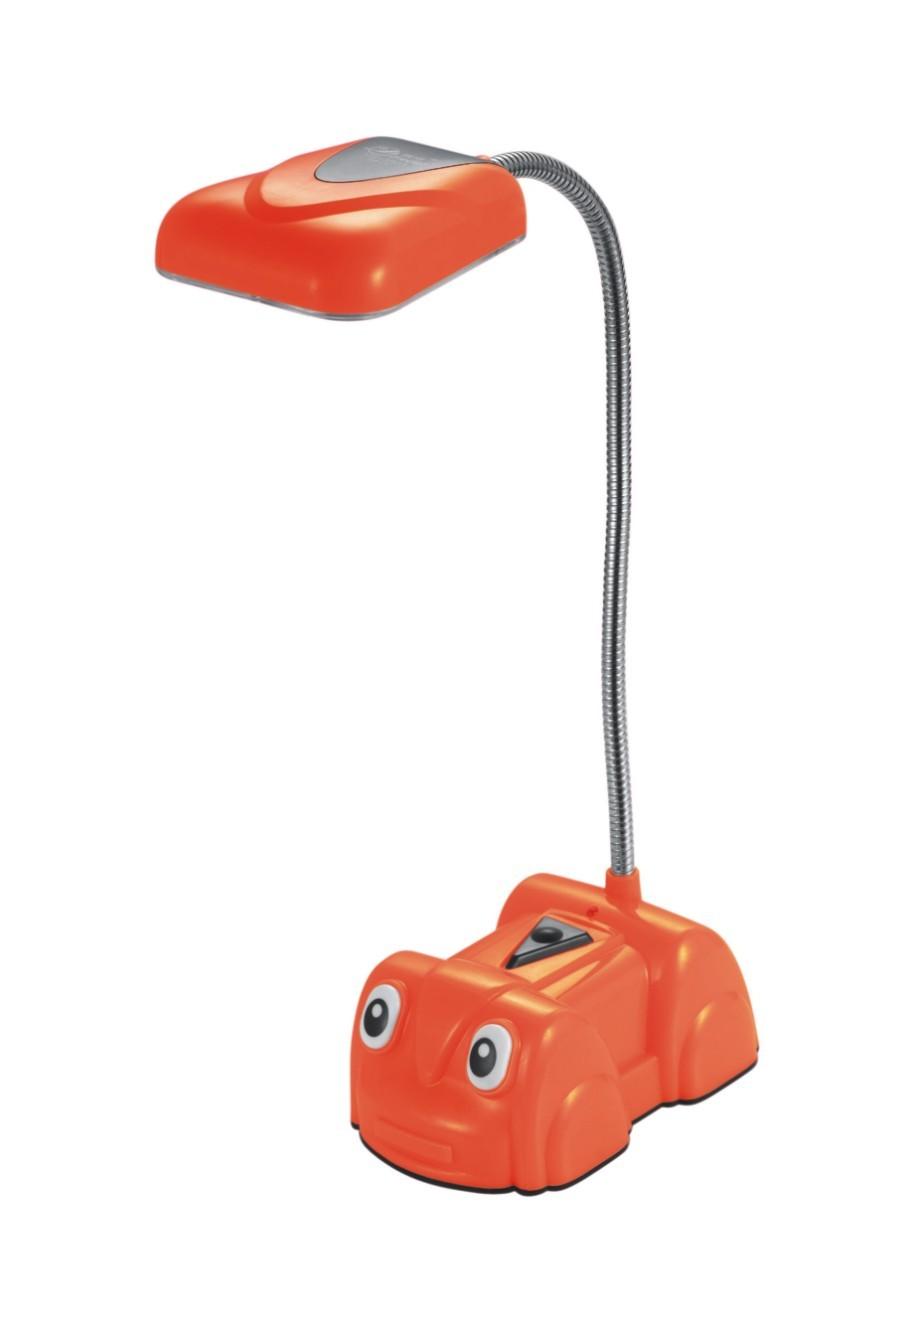 【雅格】led充电小台灯(夹灯)